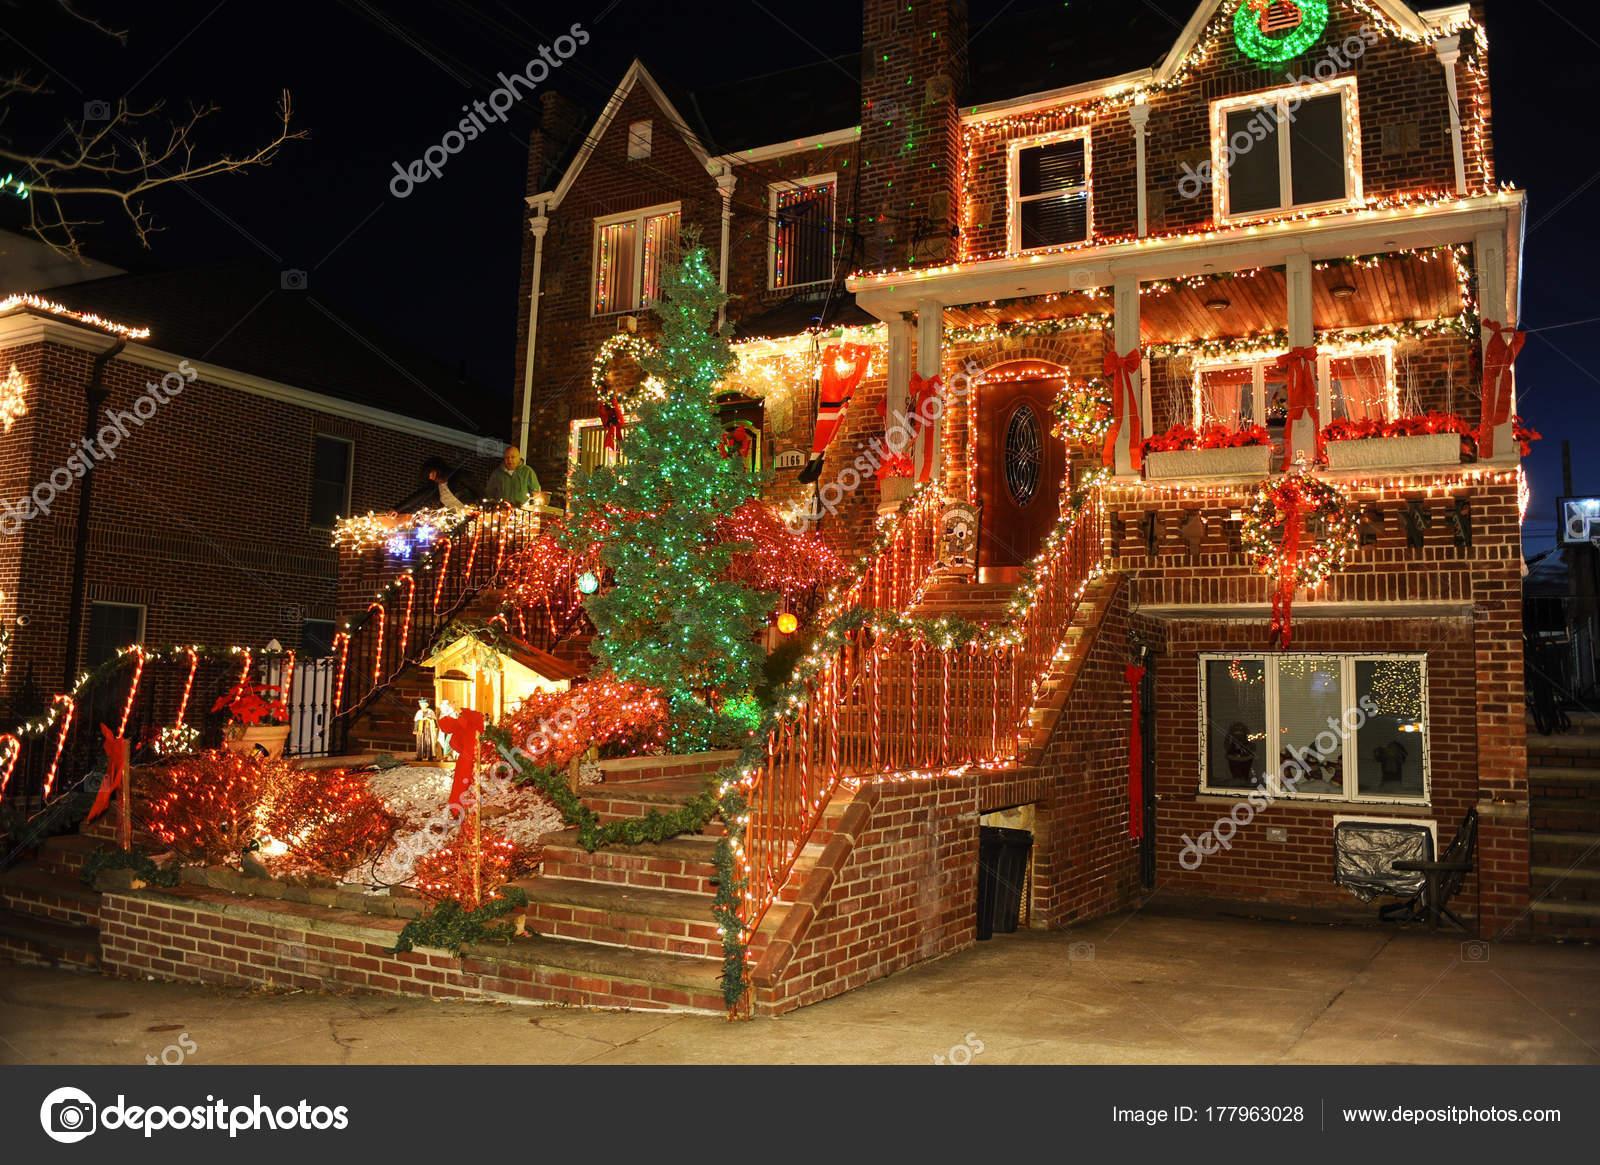 Fotos Casas Decoradas Navidad.Casas Decoradas De Navidad En Brooklyn Luces Navidad